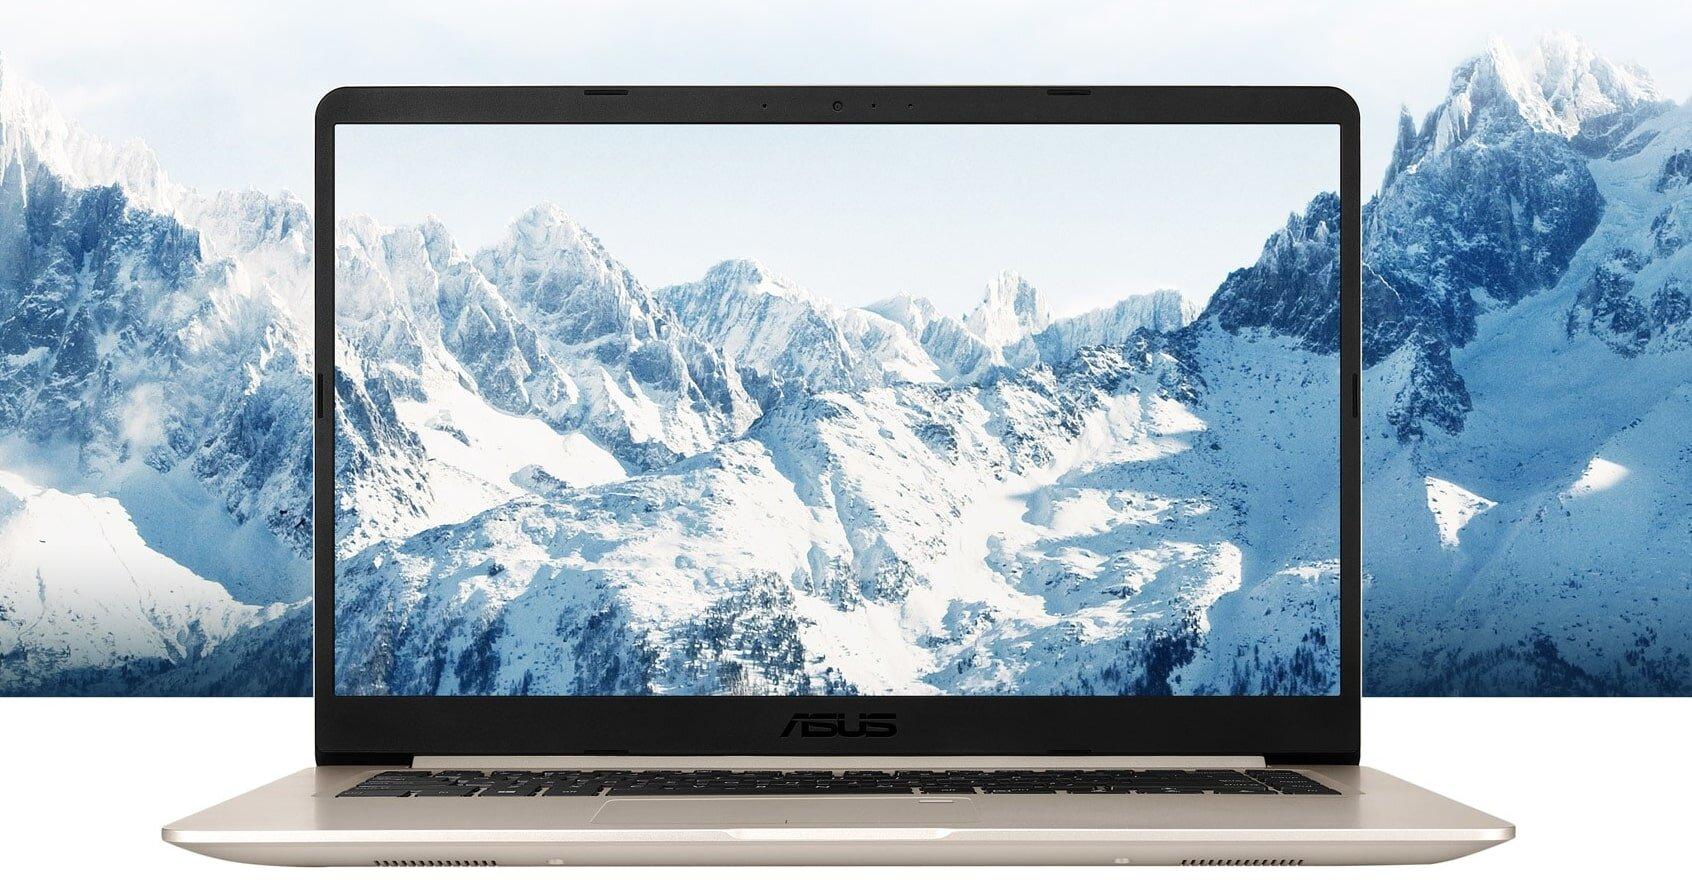 Màn hình hiển thị sắc nét của ASUS VivoBook F510UA